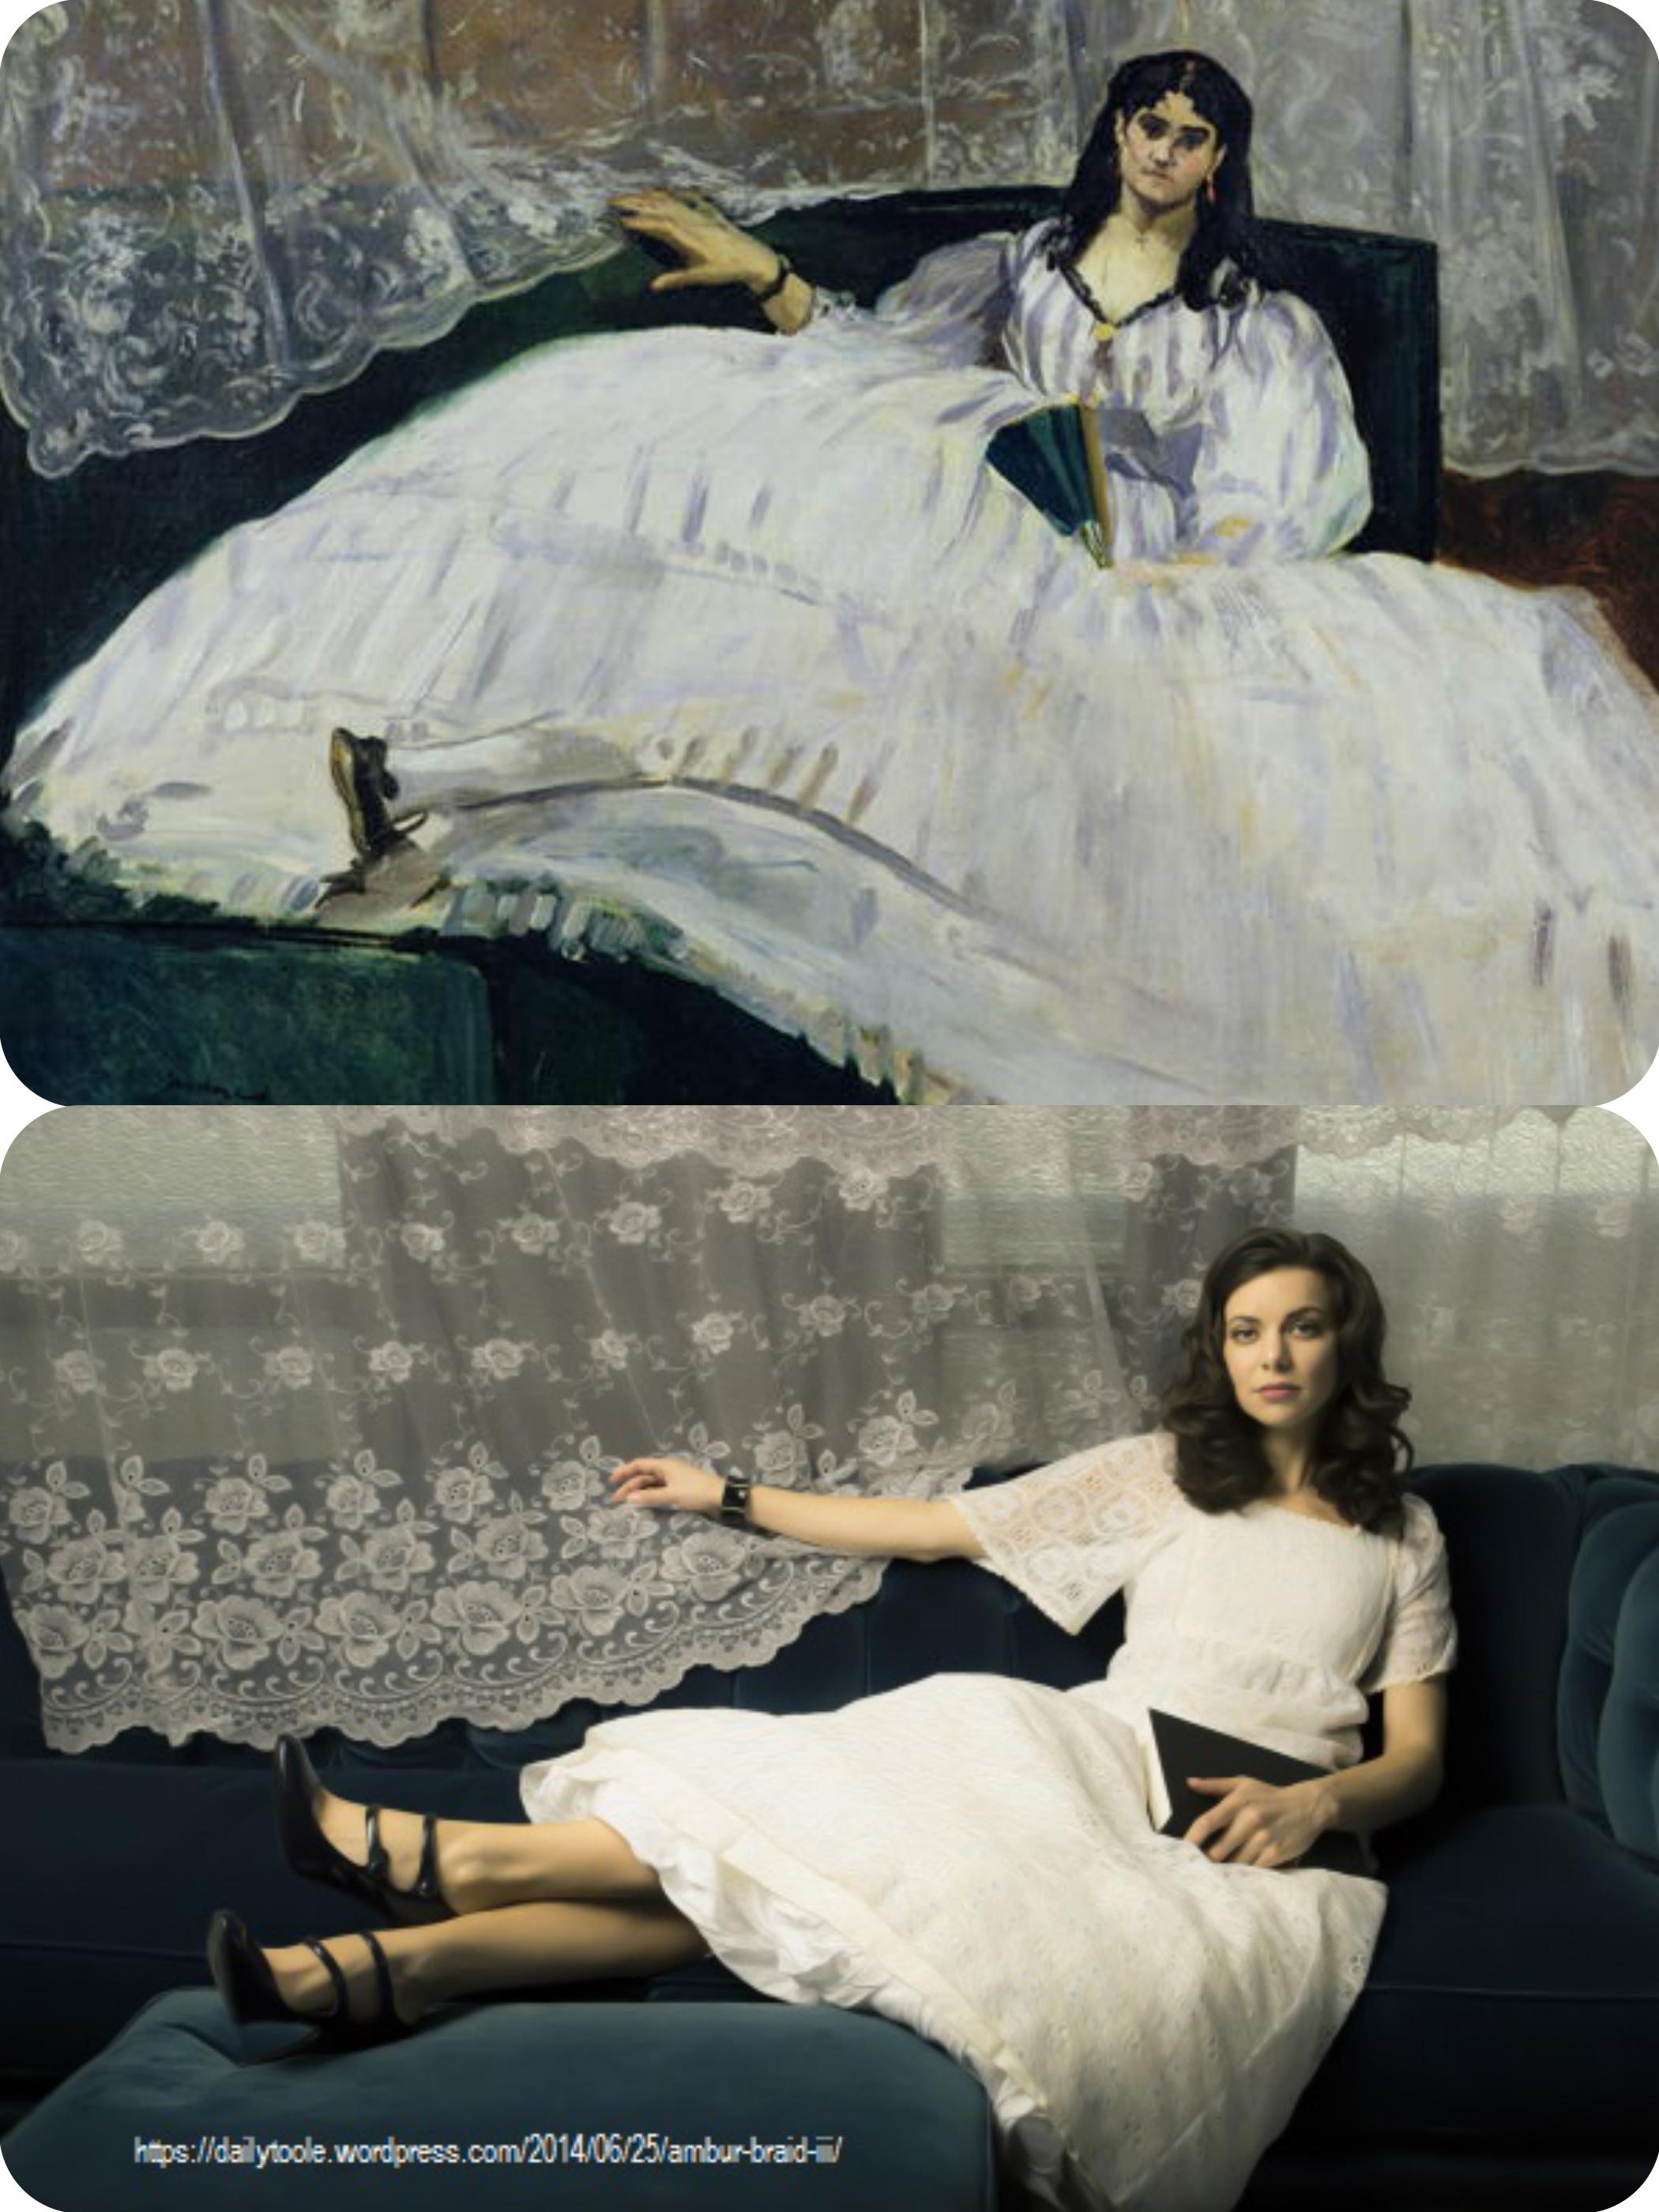 Goya Manet Olympia Jennifer Toole Photo Fotor Collage